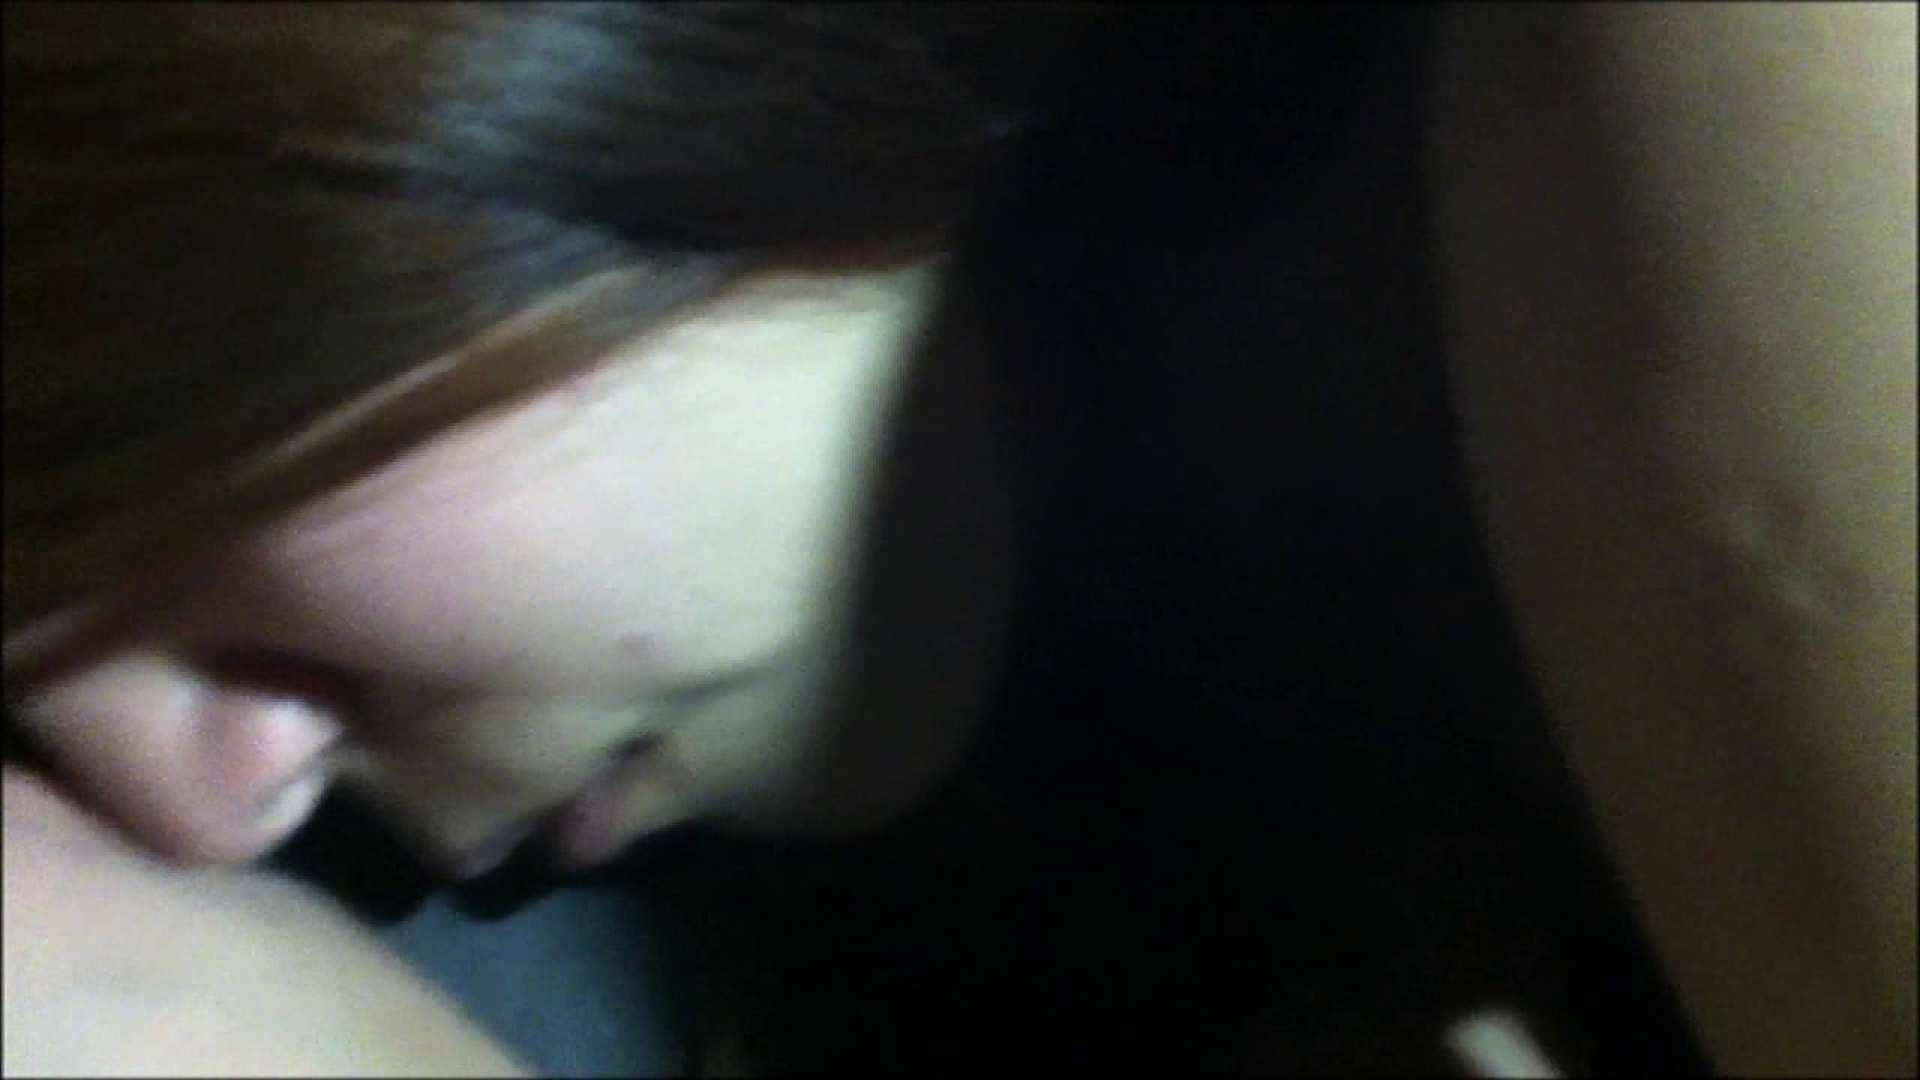 vol.4 【Kちゃん(2回目)】A◯ULの店員20歳 薄着で挑発的 ギャルハメ撮り  74Pix 43